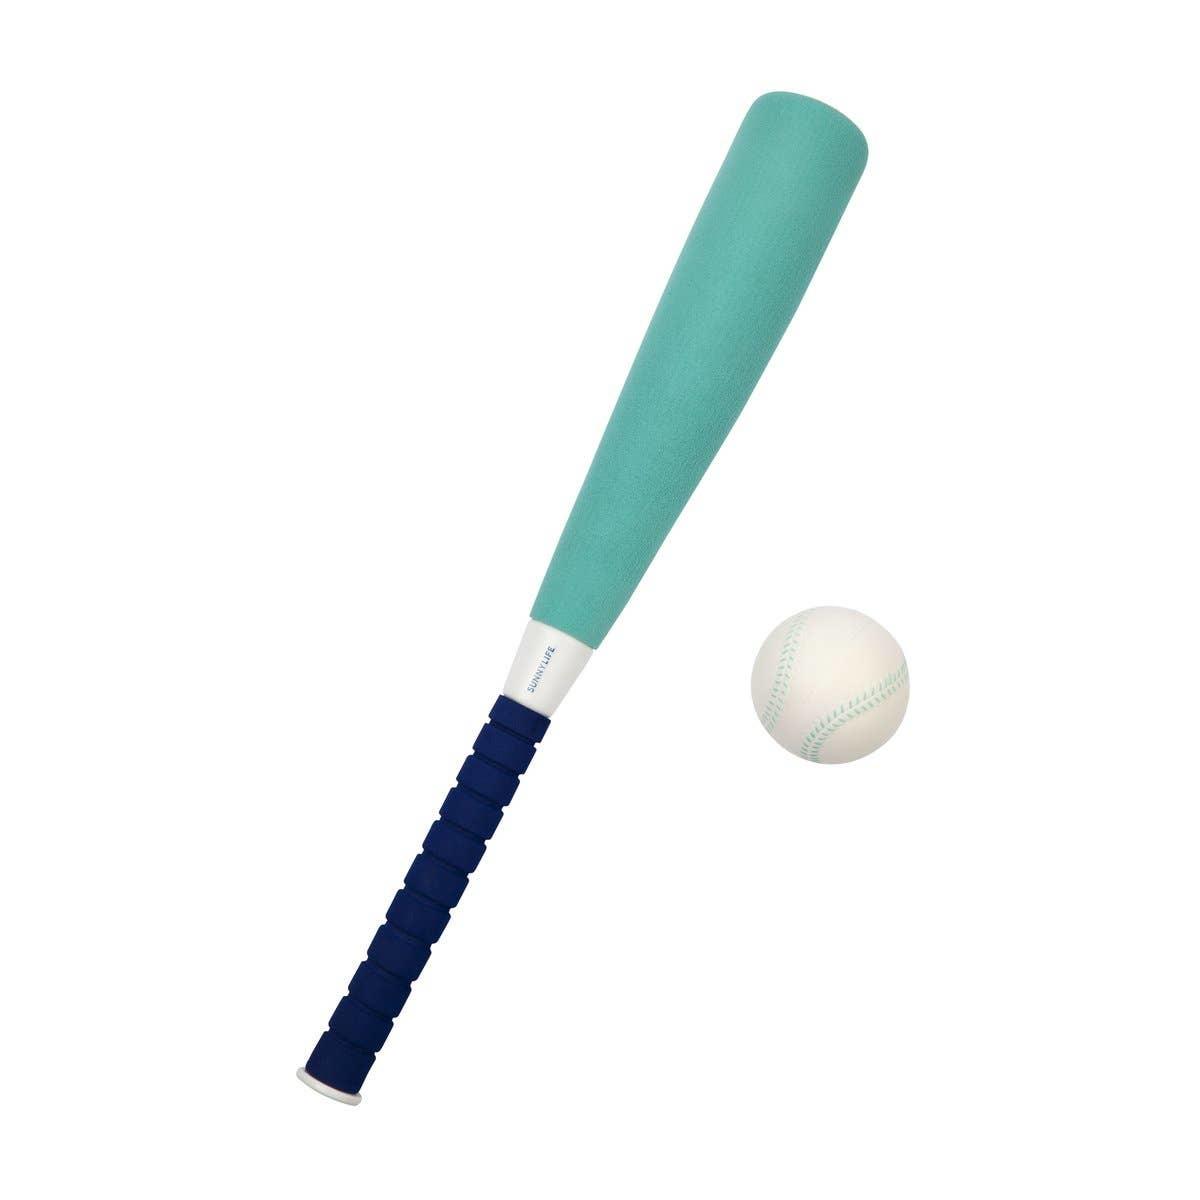 Sunnylife Foam Rounders Turquoise